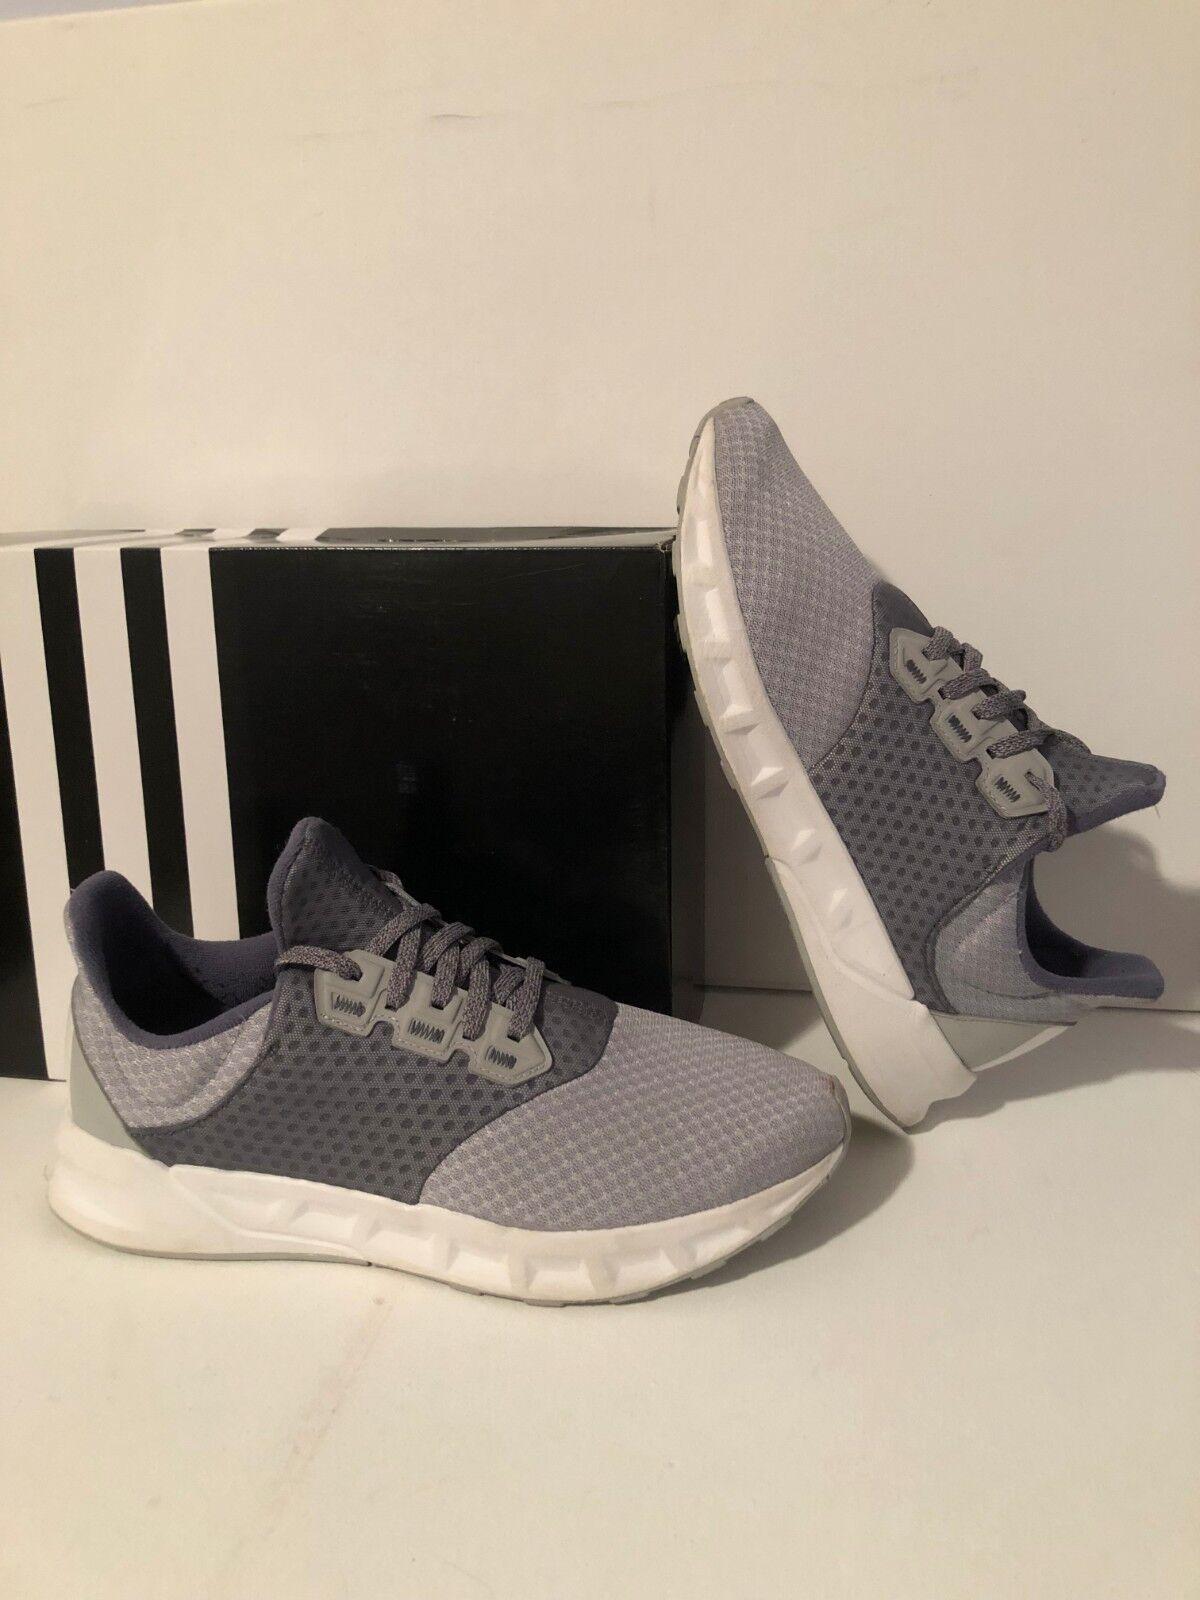 Gli uomini falco falco falco adidas aq2228 elite 5 in scarpe da ginnastica   grigio  bianco misura 8,5   Bel design  1b6daa